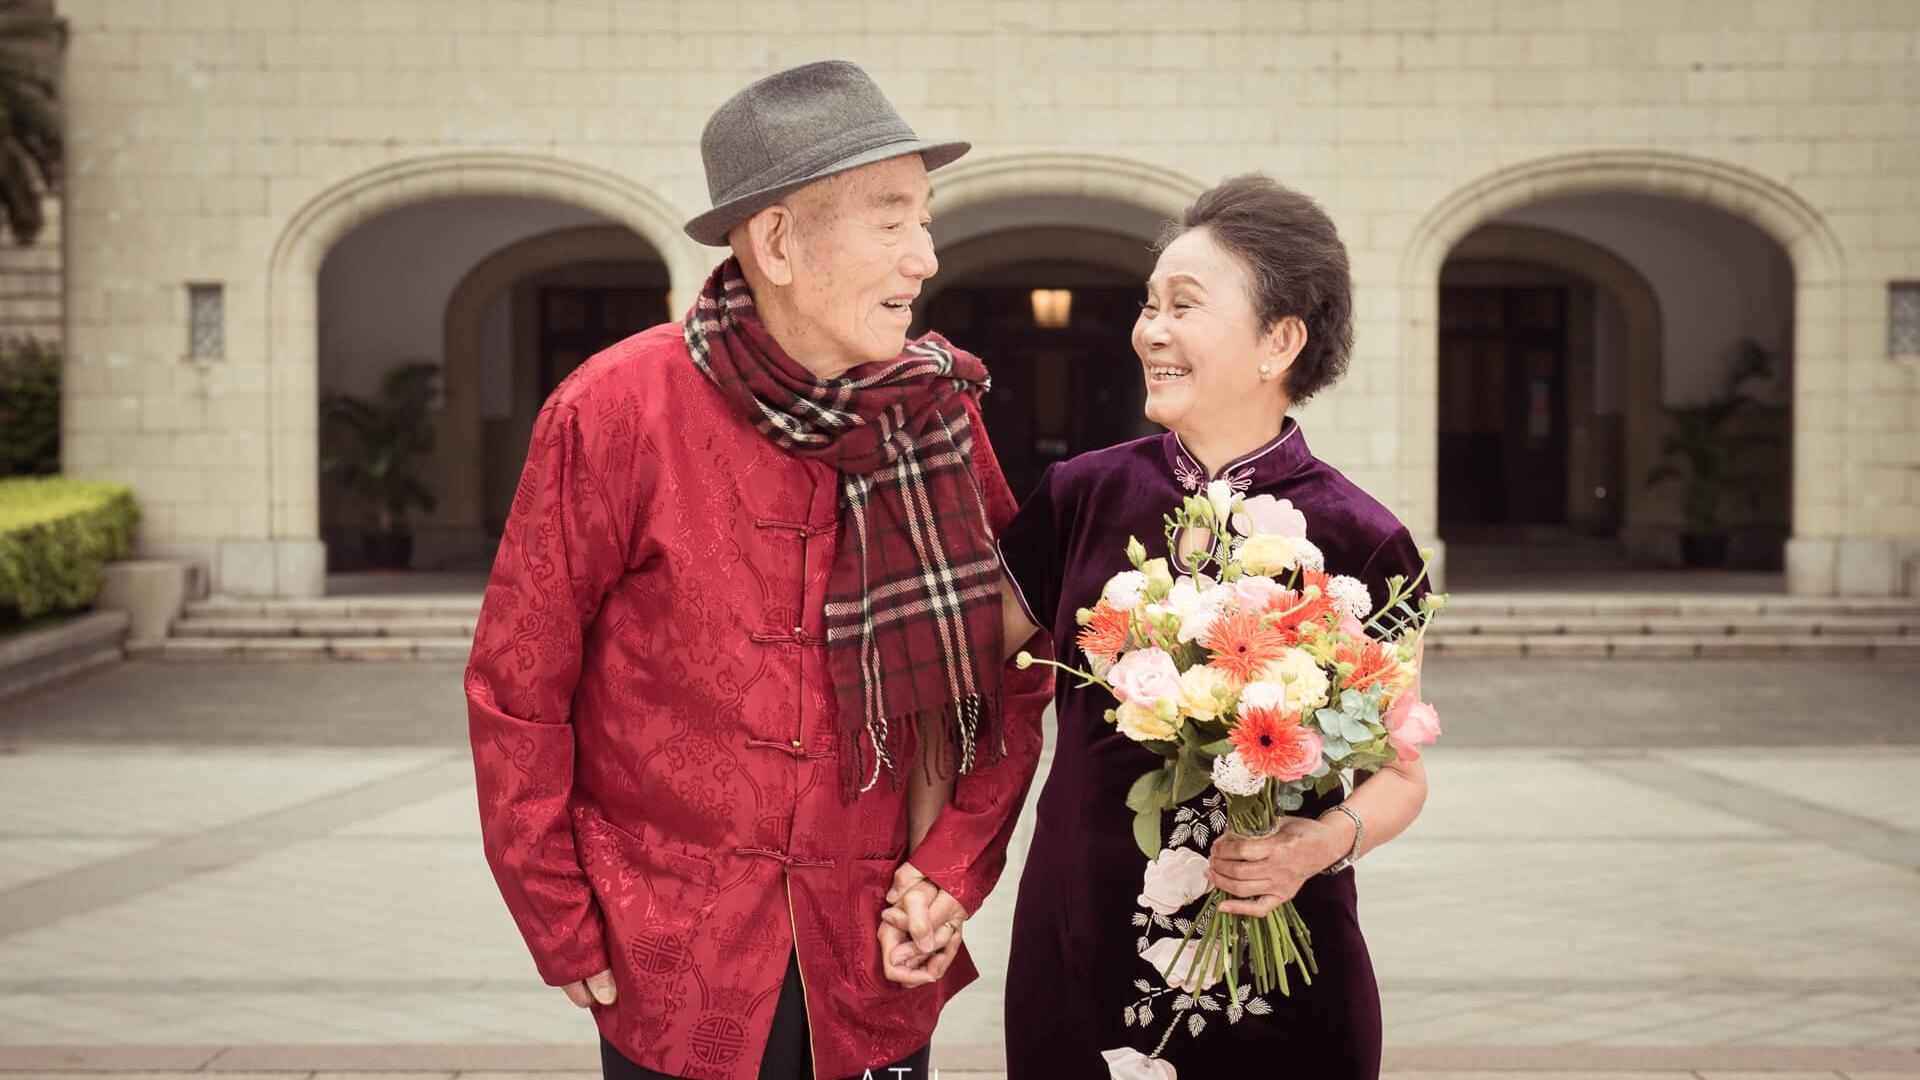 張團圓全家福 結婚五十週年紀念